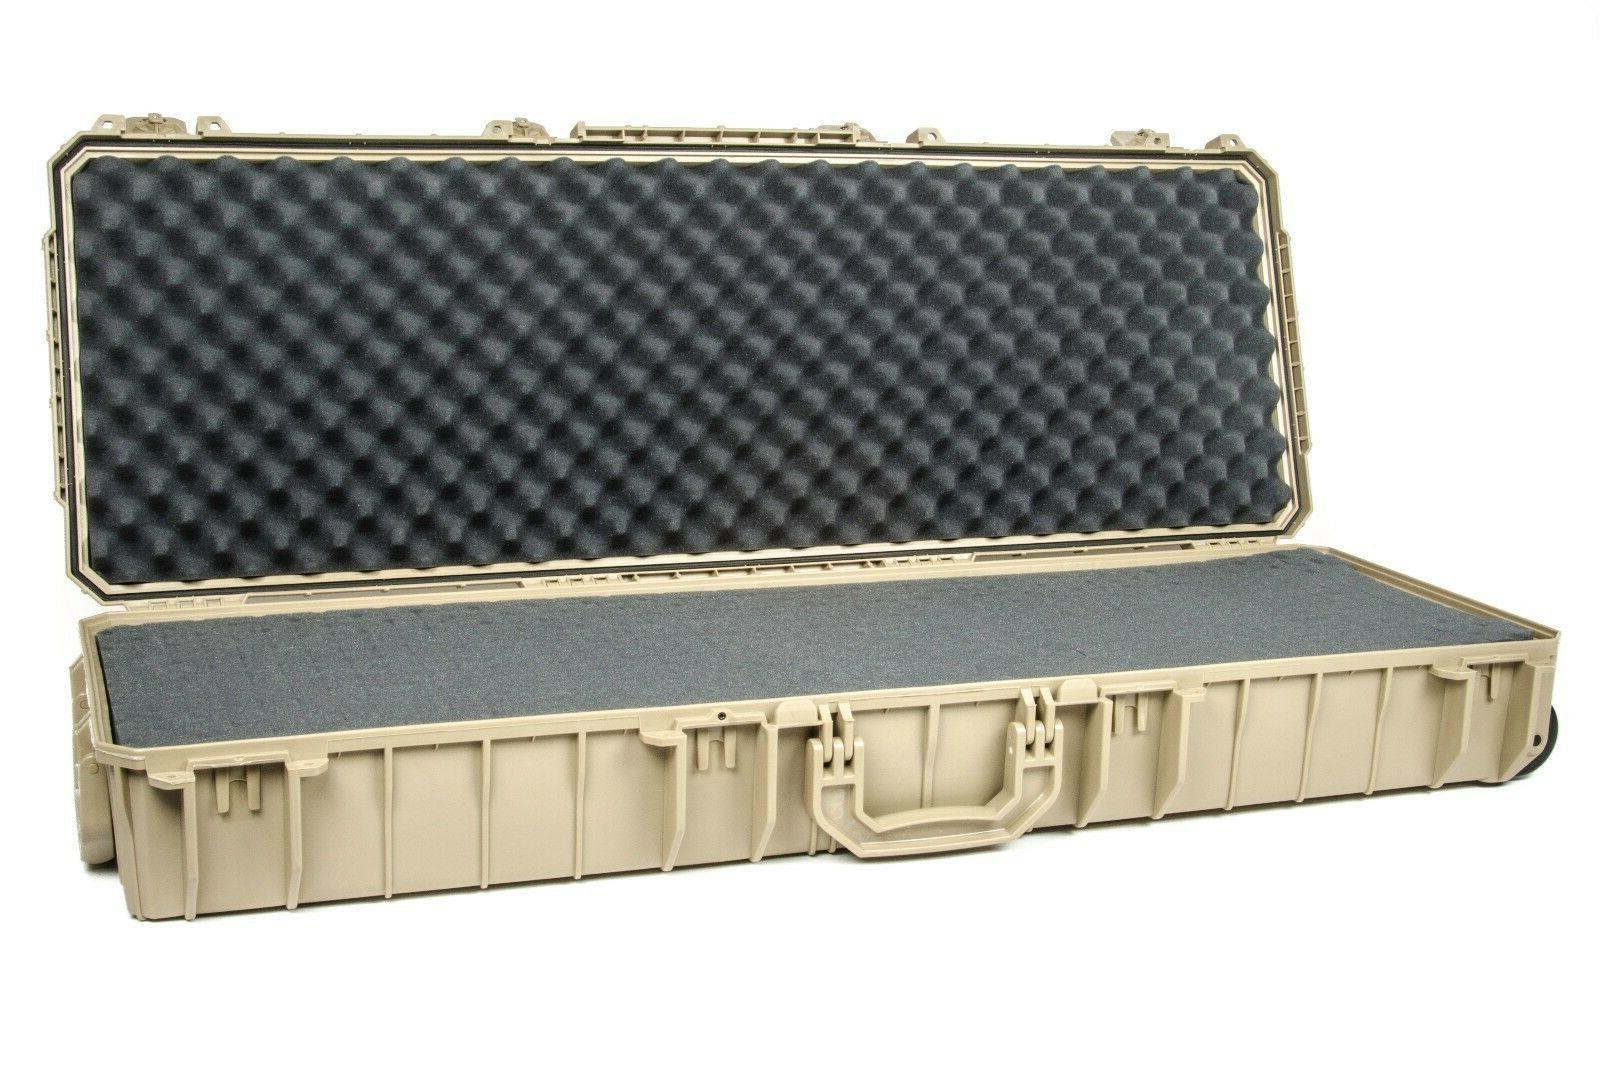 Seahorse SE1530F TAN Gun case. With foam  &  Pelican 1720 Lo